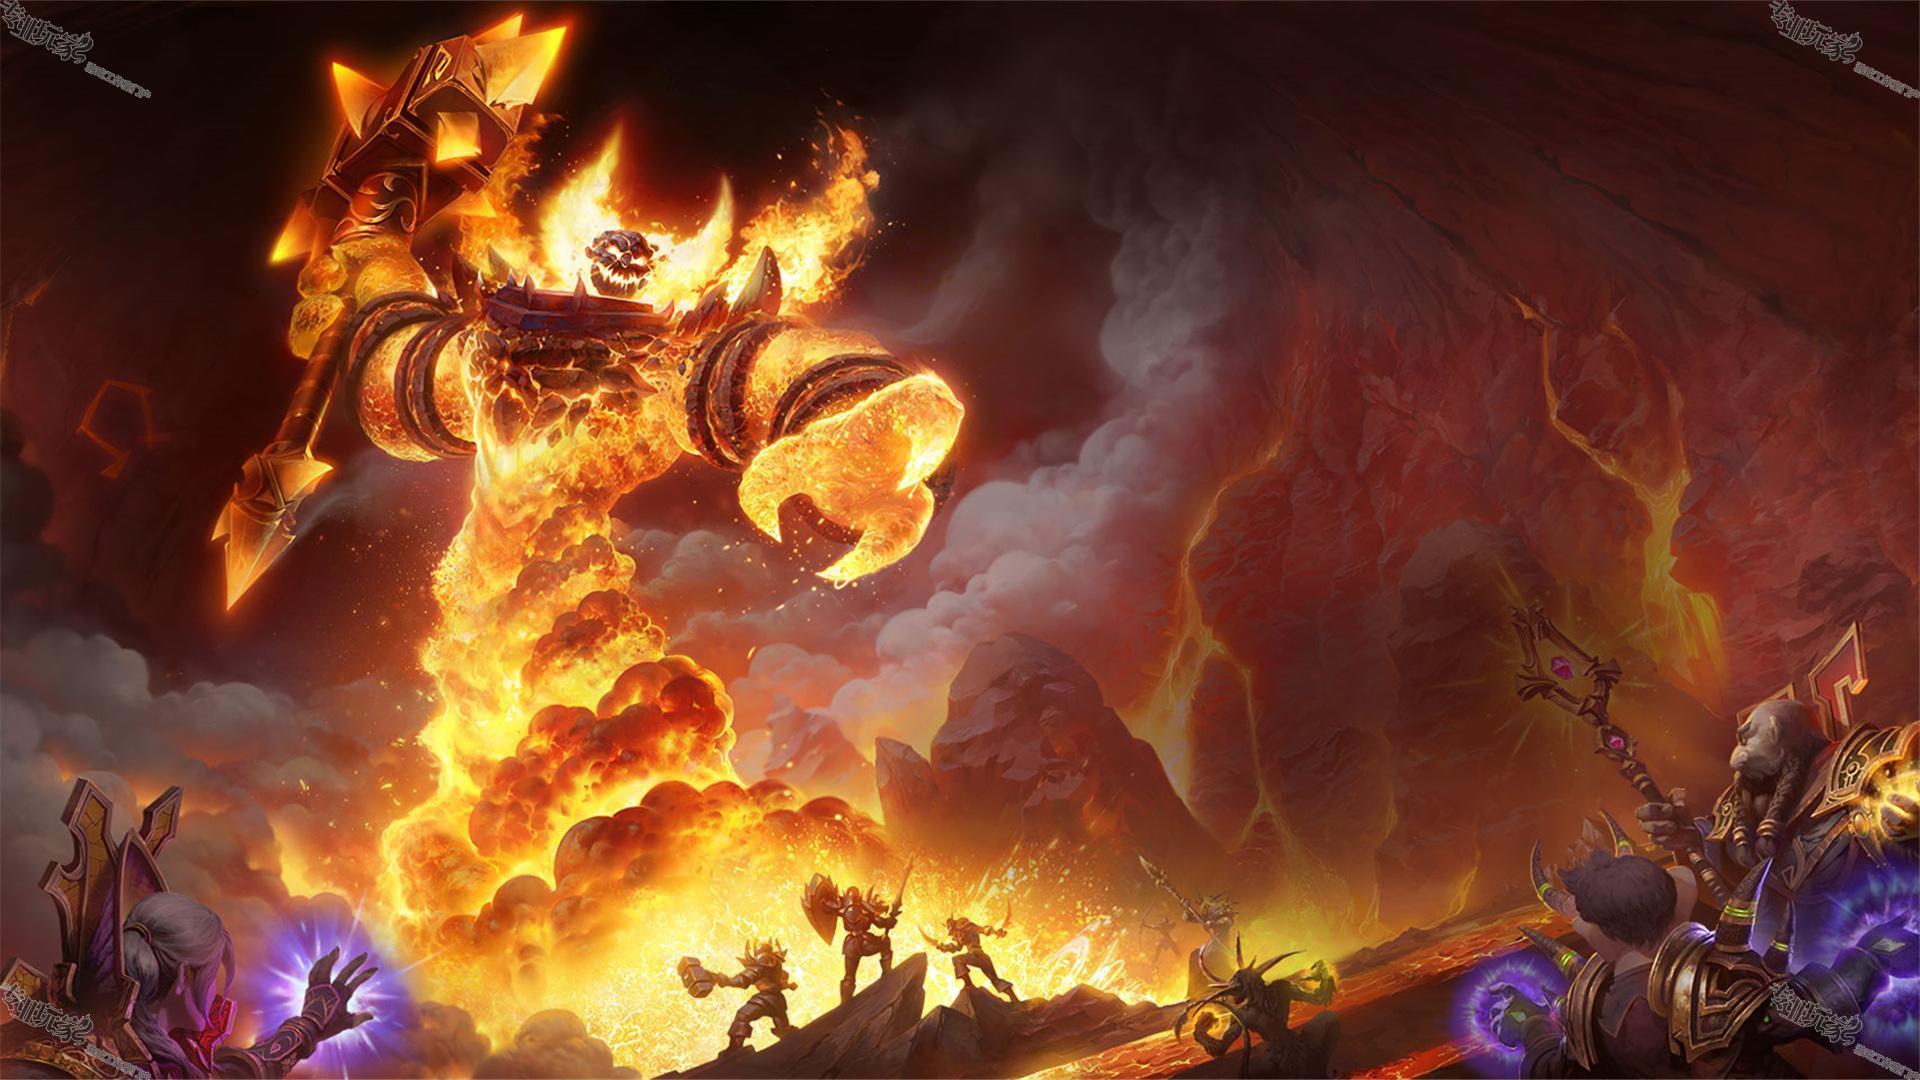 魔兽9.0暗影国度前瞻 射击猎人在大改后的数值评测